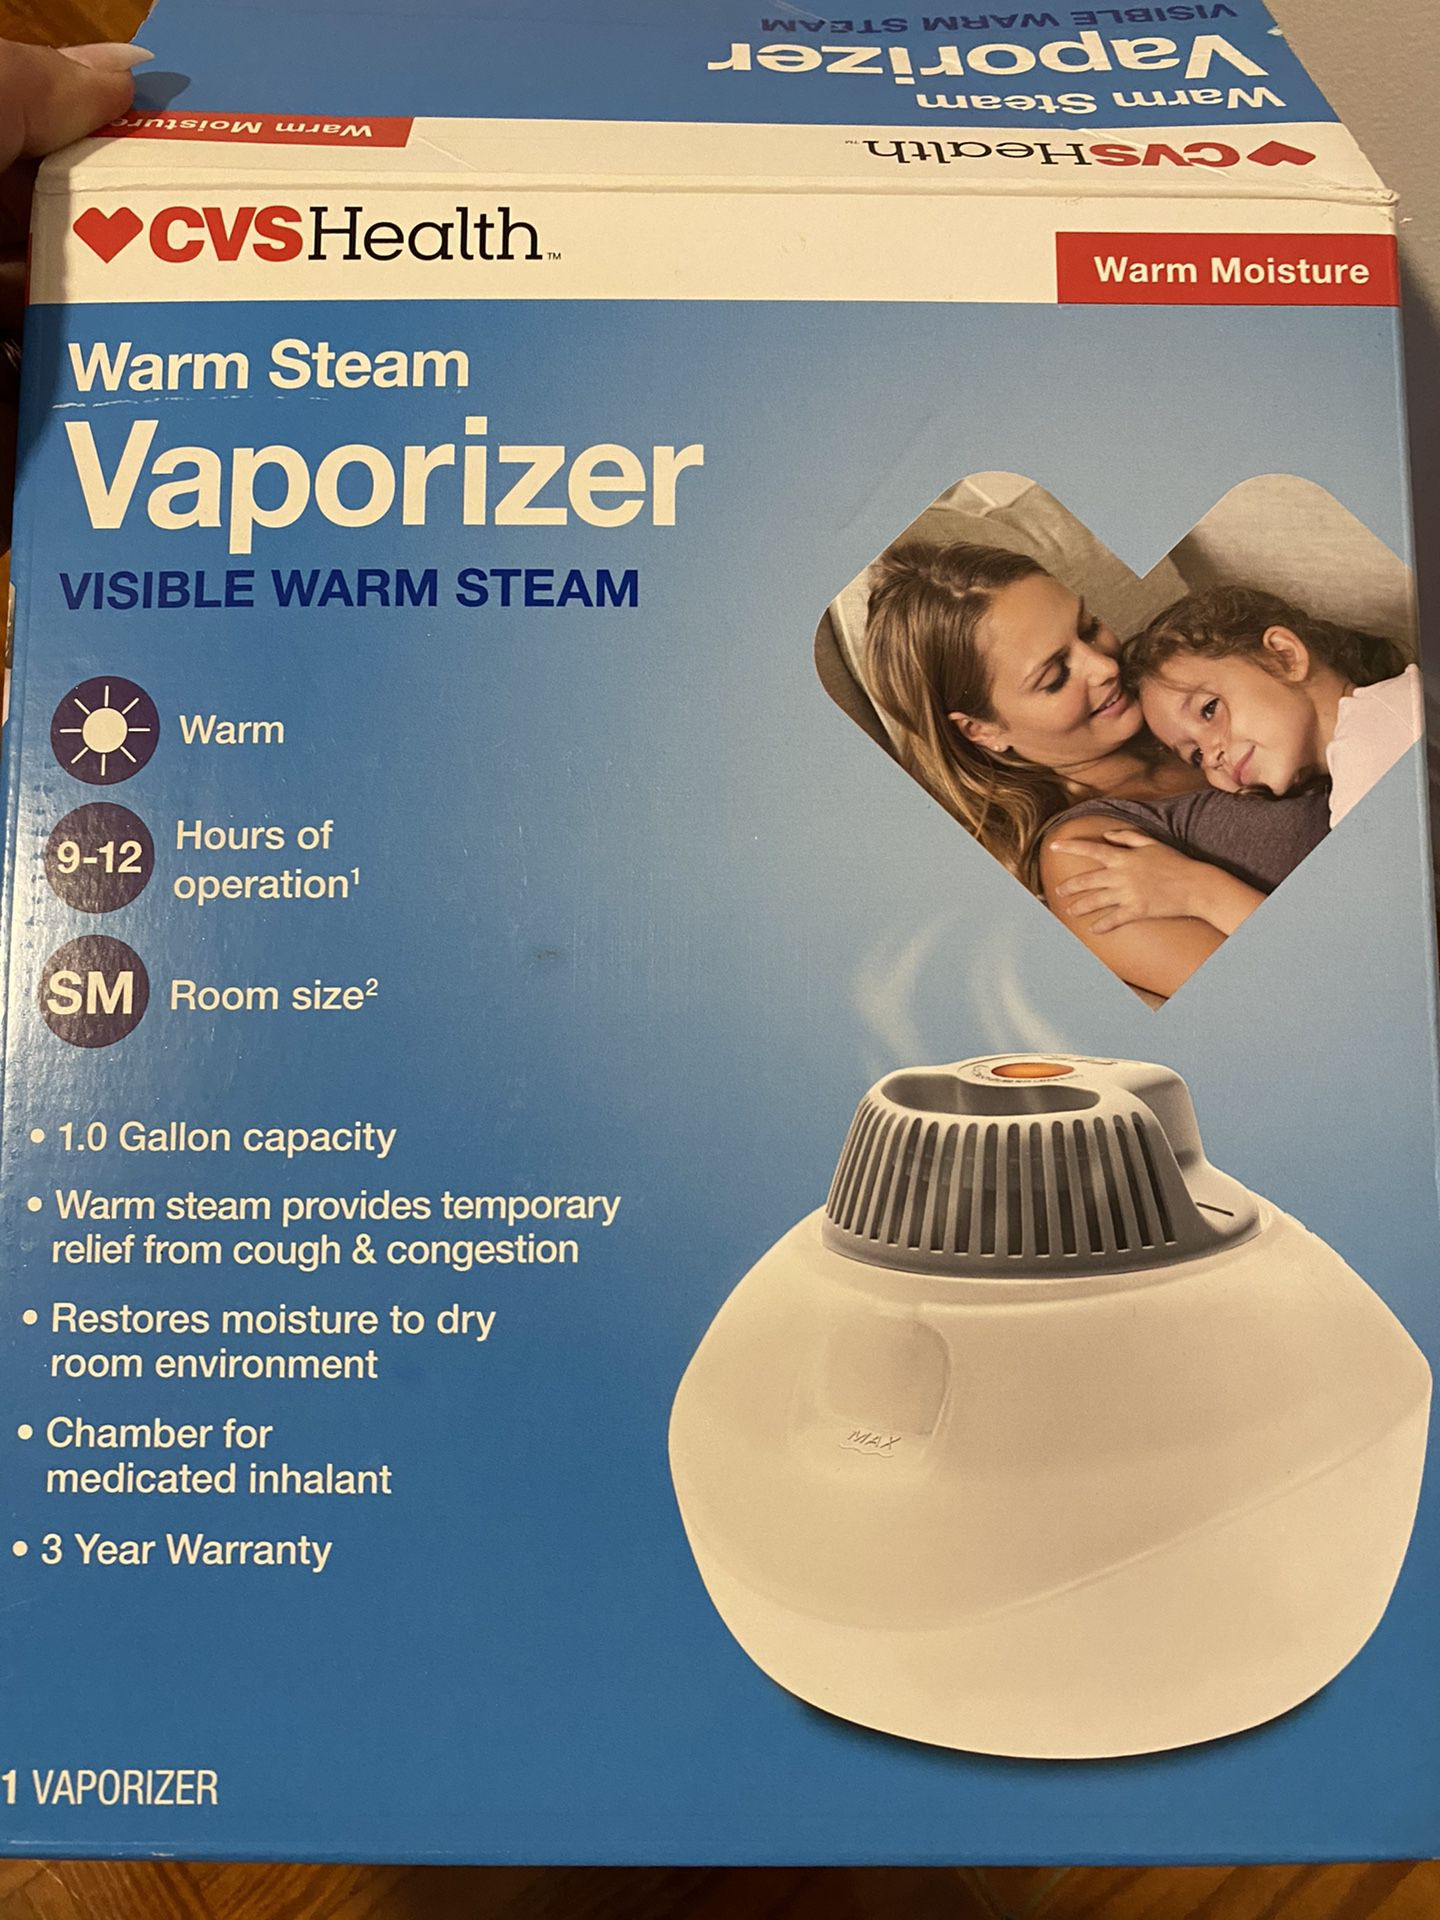 Warm steam vaporizer